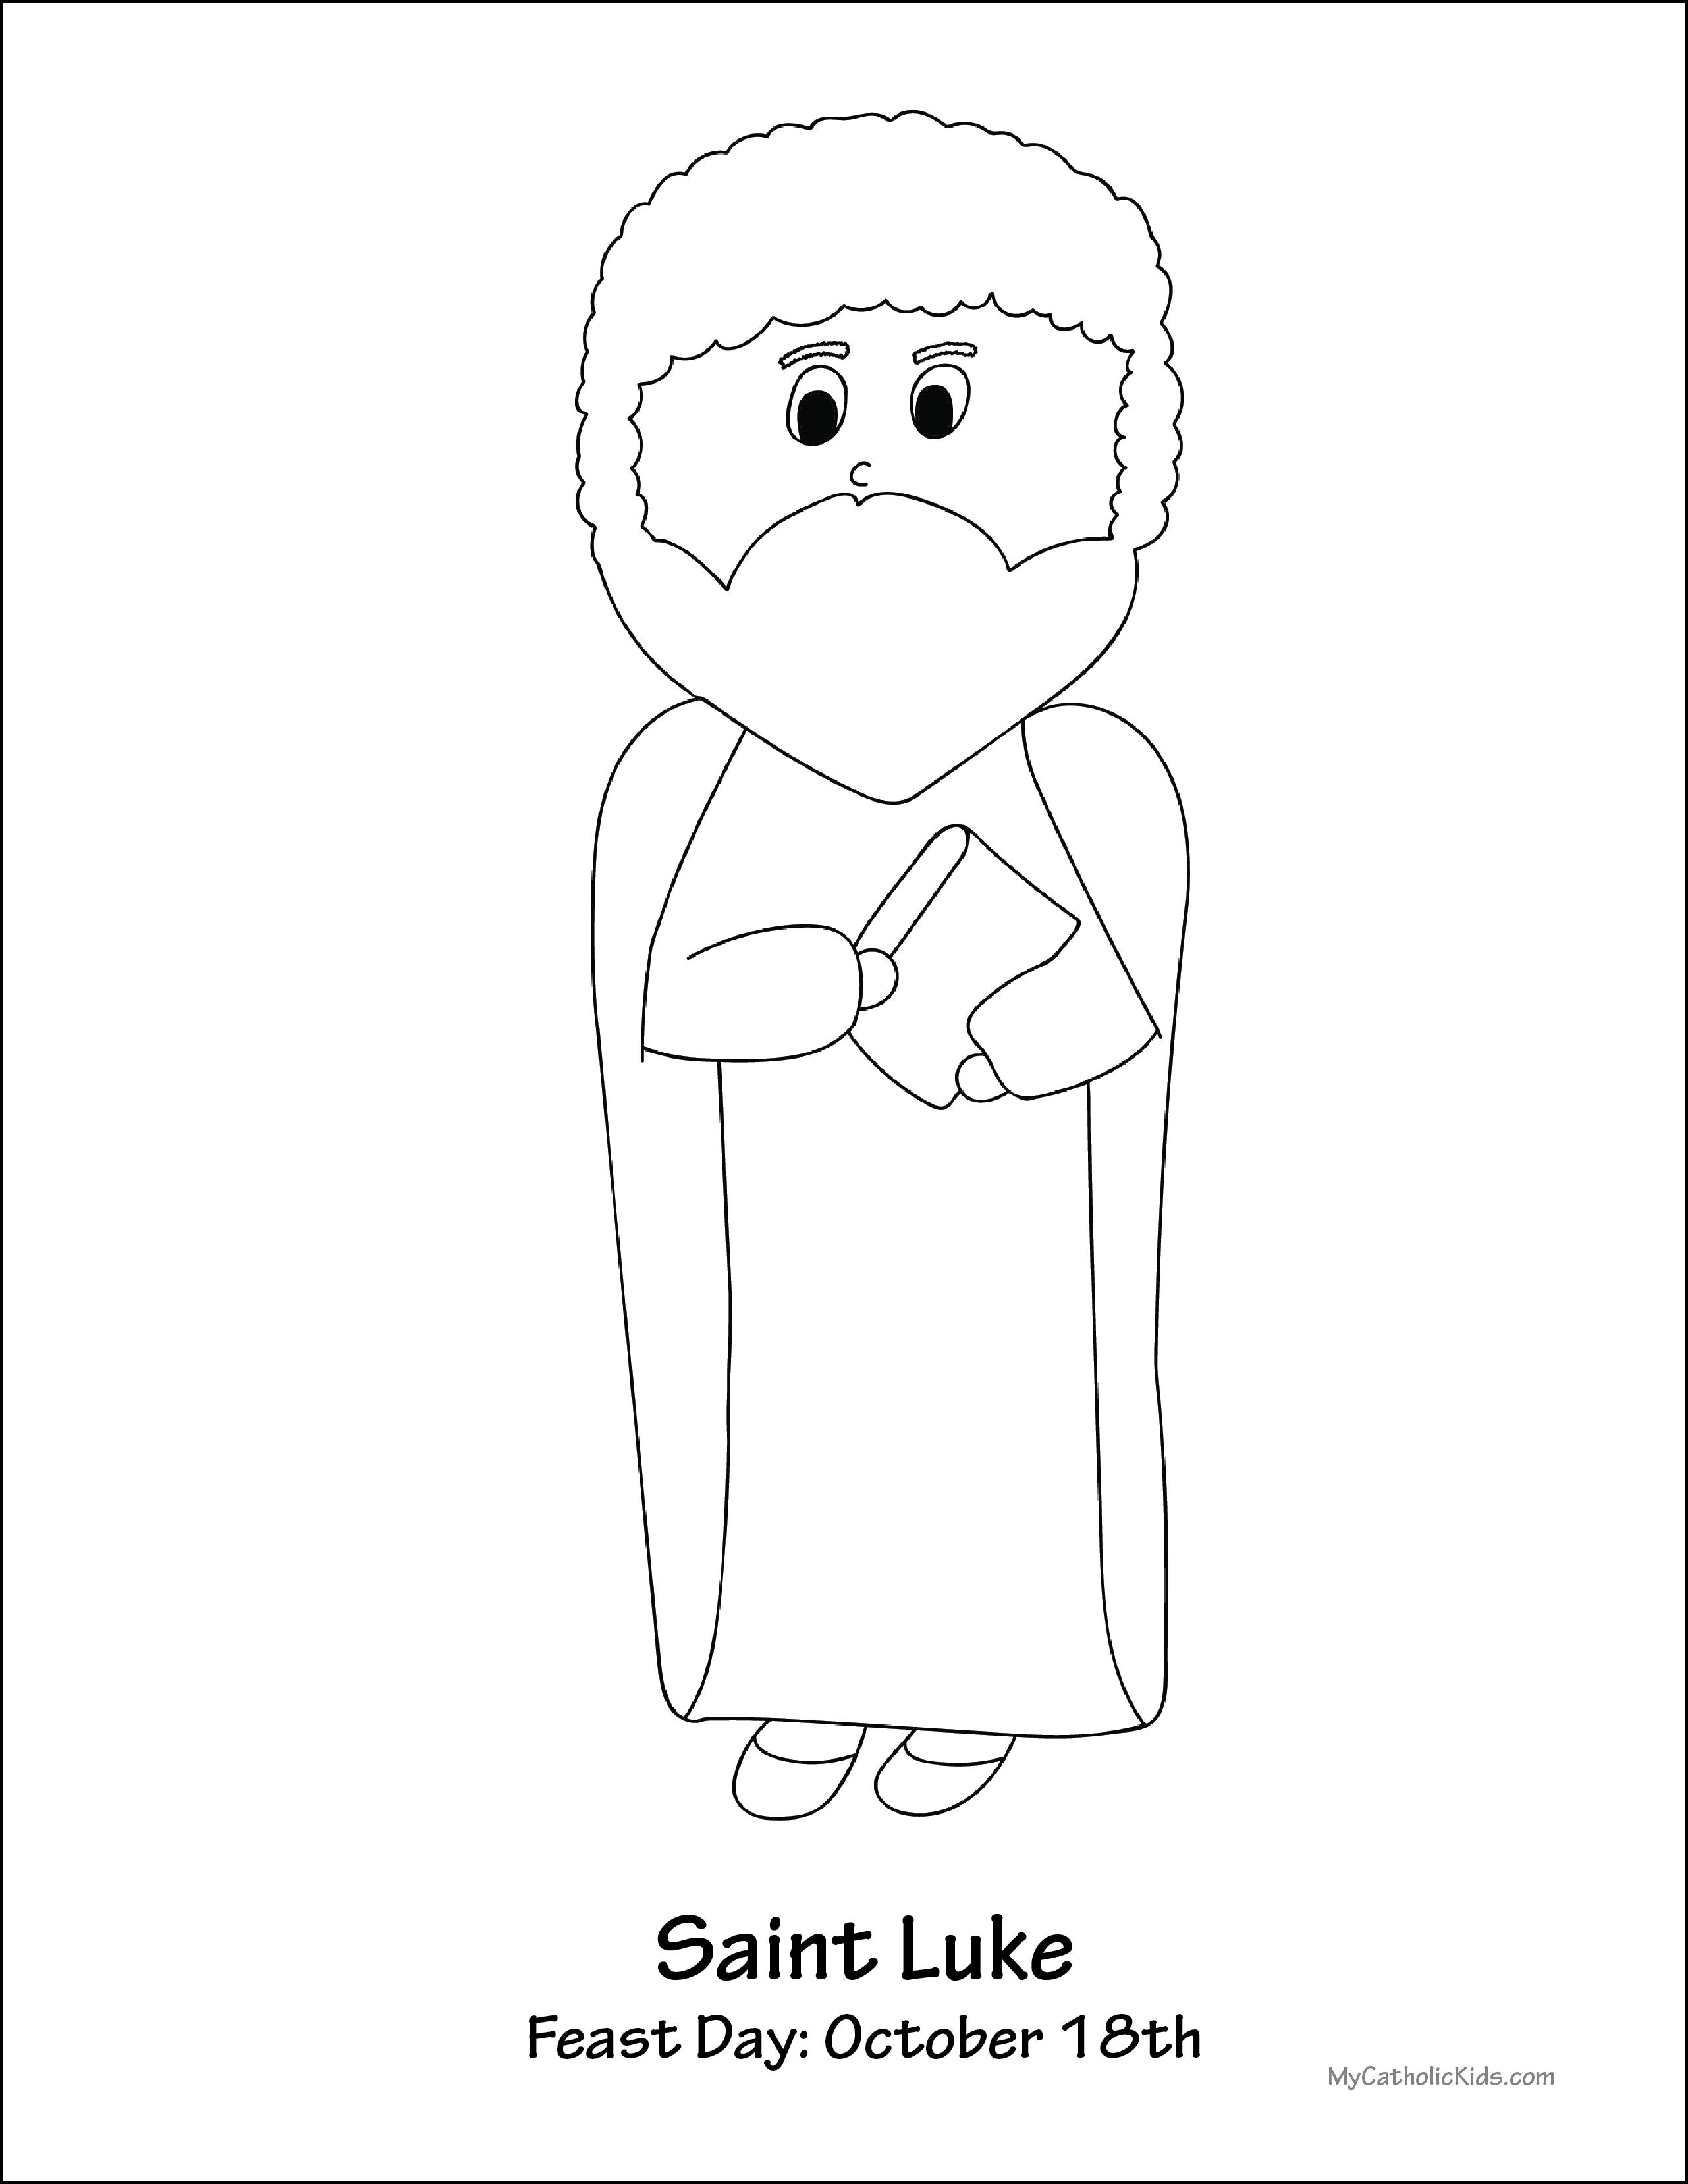 Saint Luke coloring sheet